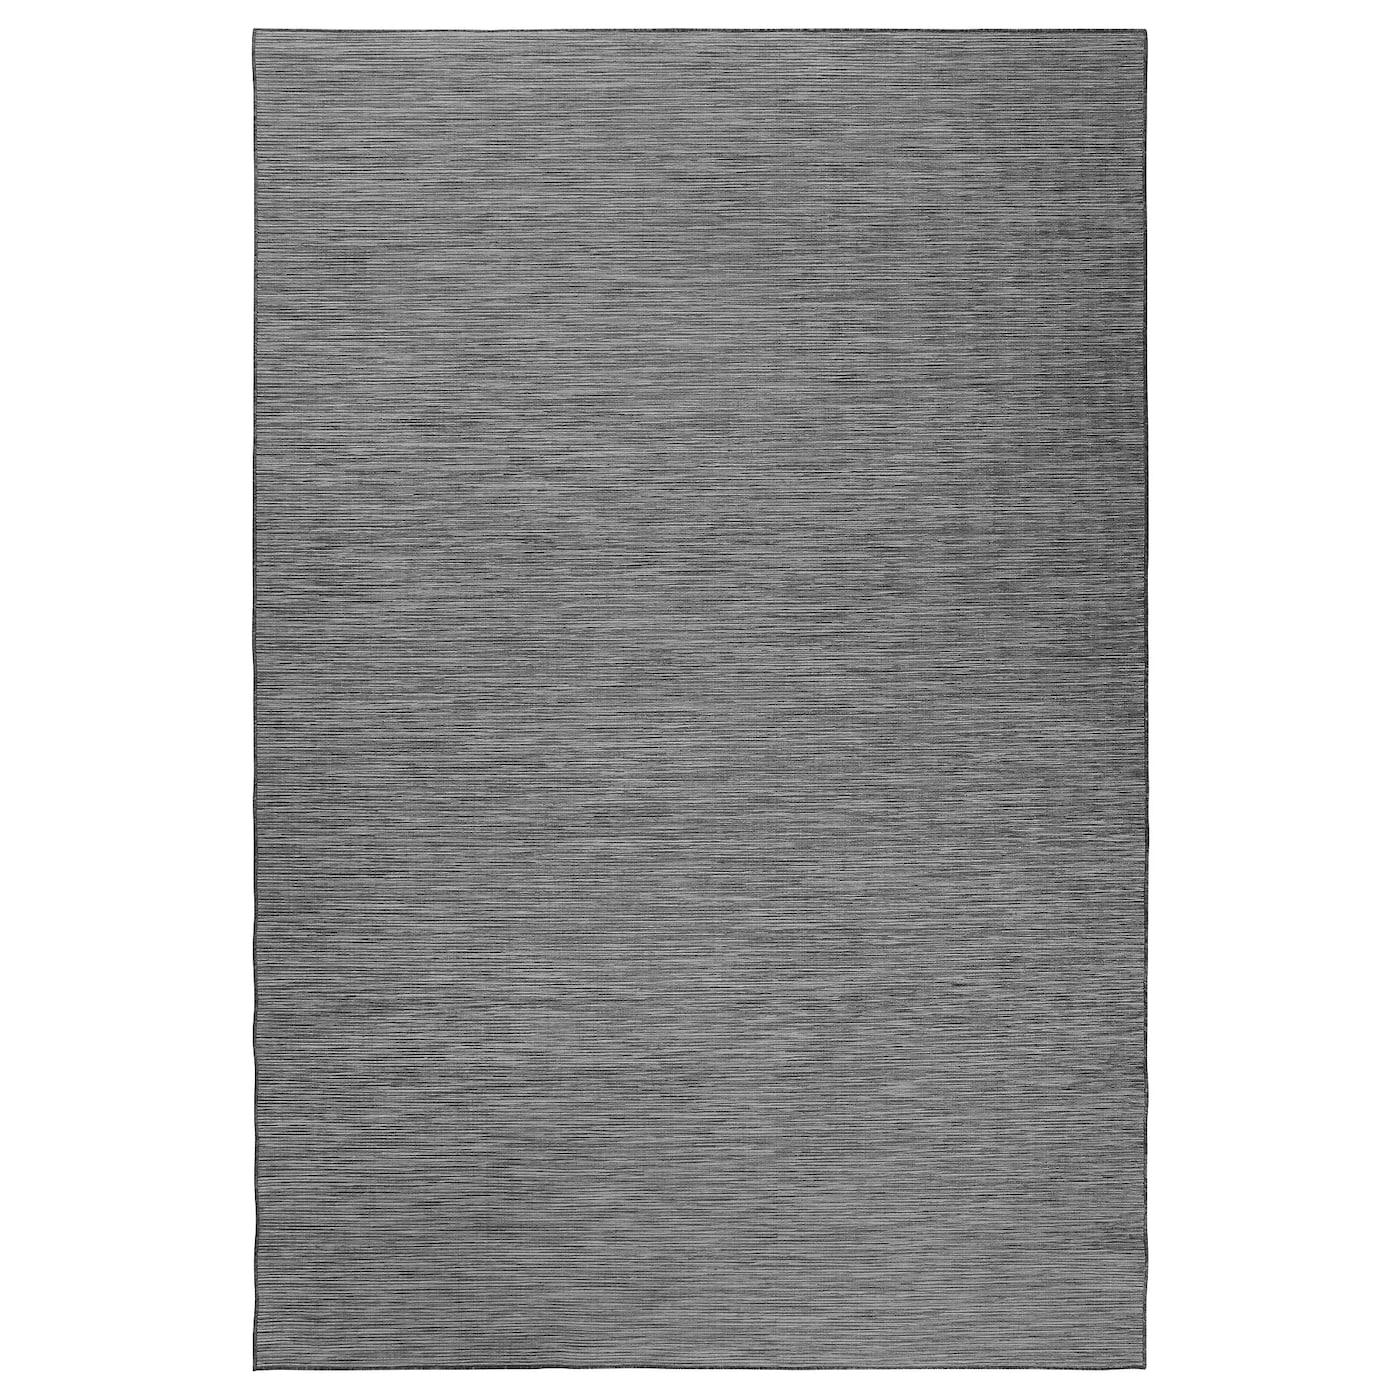 ikea hodde tapis tiss plat intextrieur - Tapis Exterieur